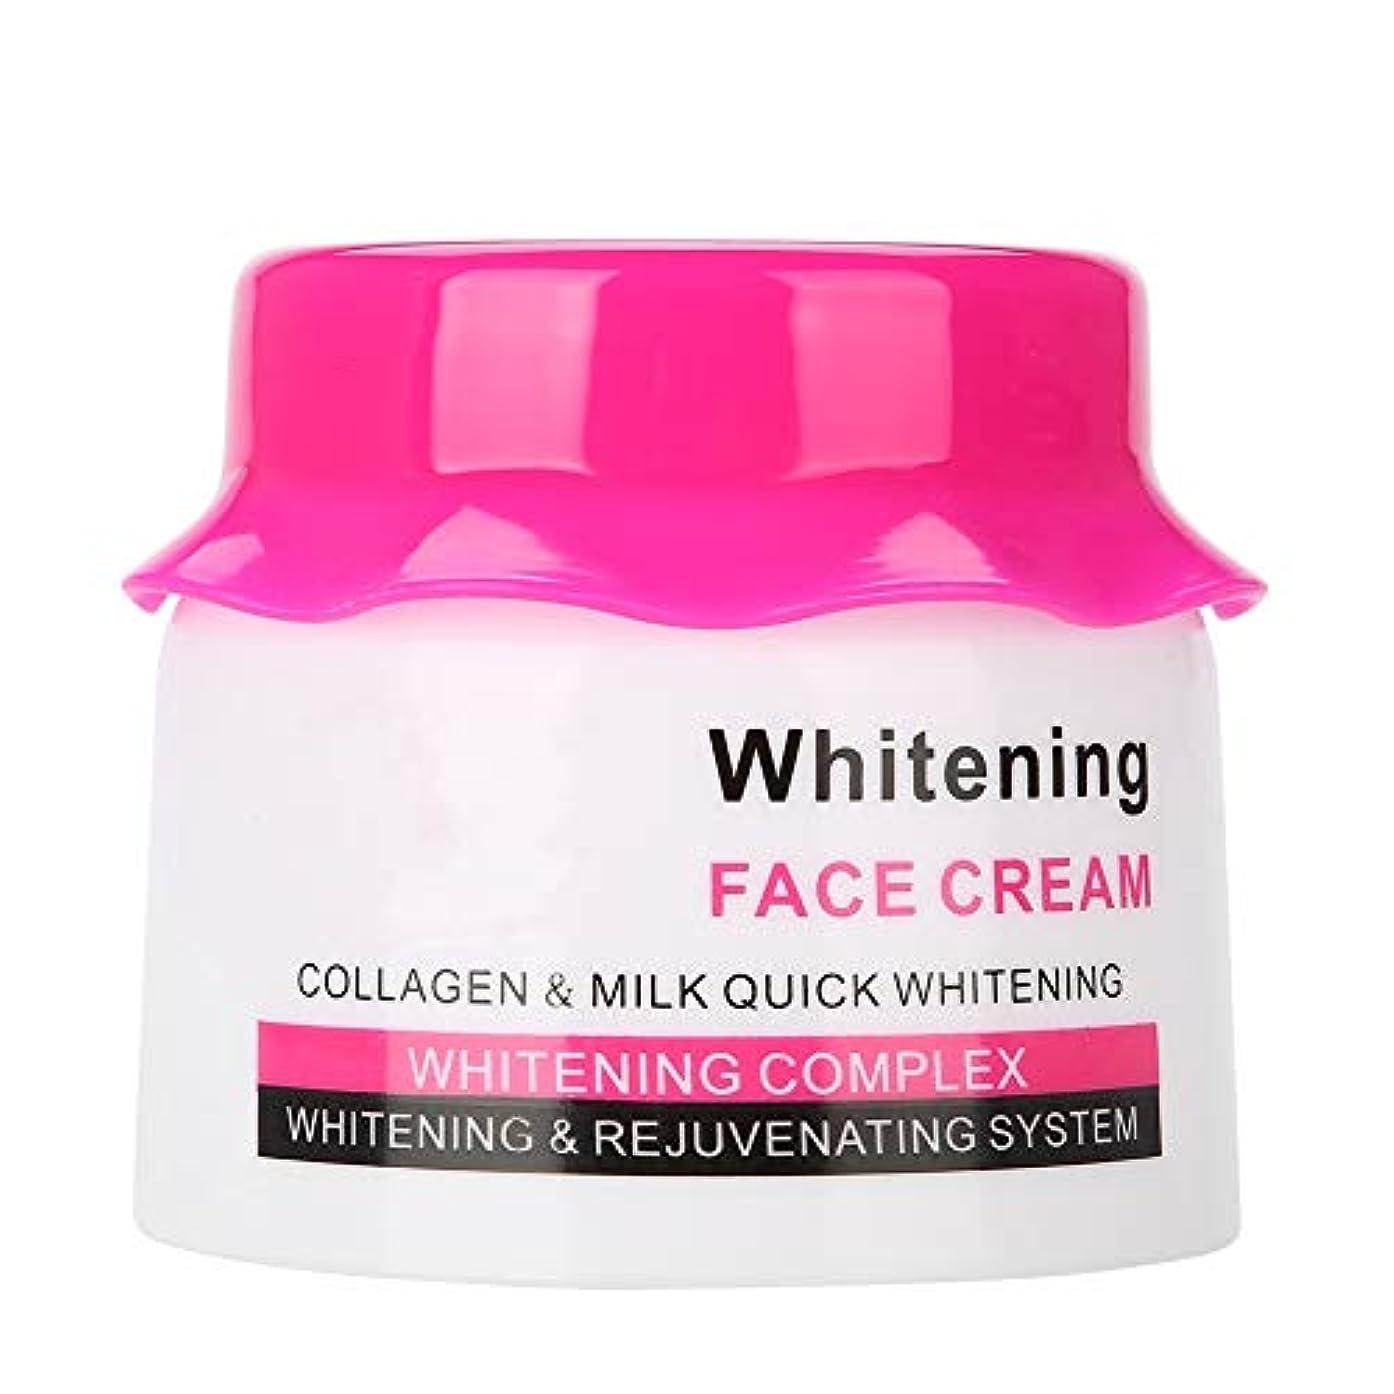 原稿おチャンス天然コラーゲン、肌のリラクゼーションと引き締まった肌の多機能、保湿引き締めフェイシャルシュリンクポアケア肌を白くするフェイシャルクリーム